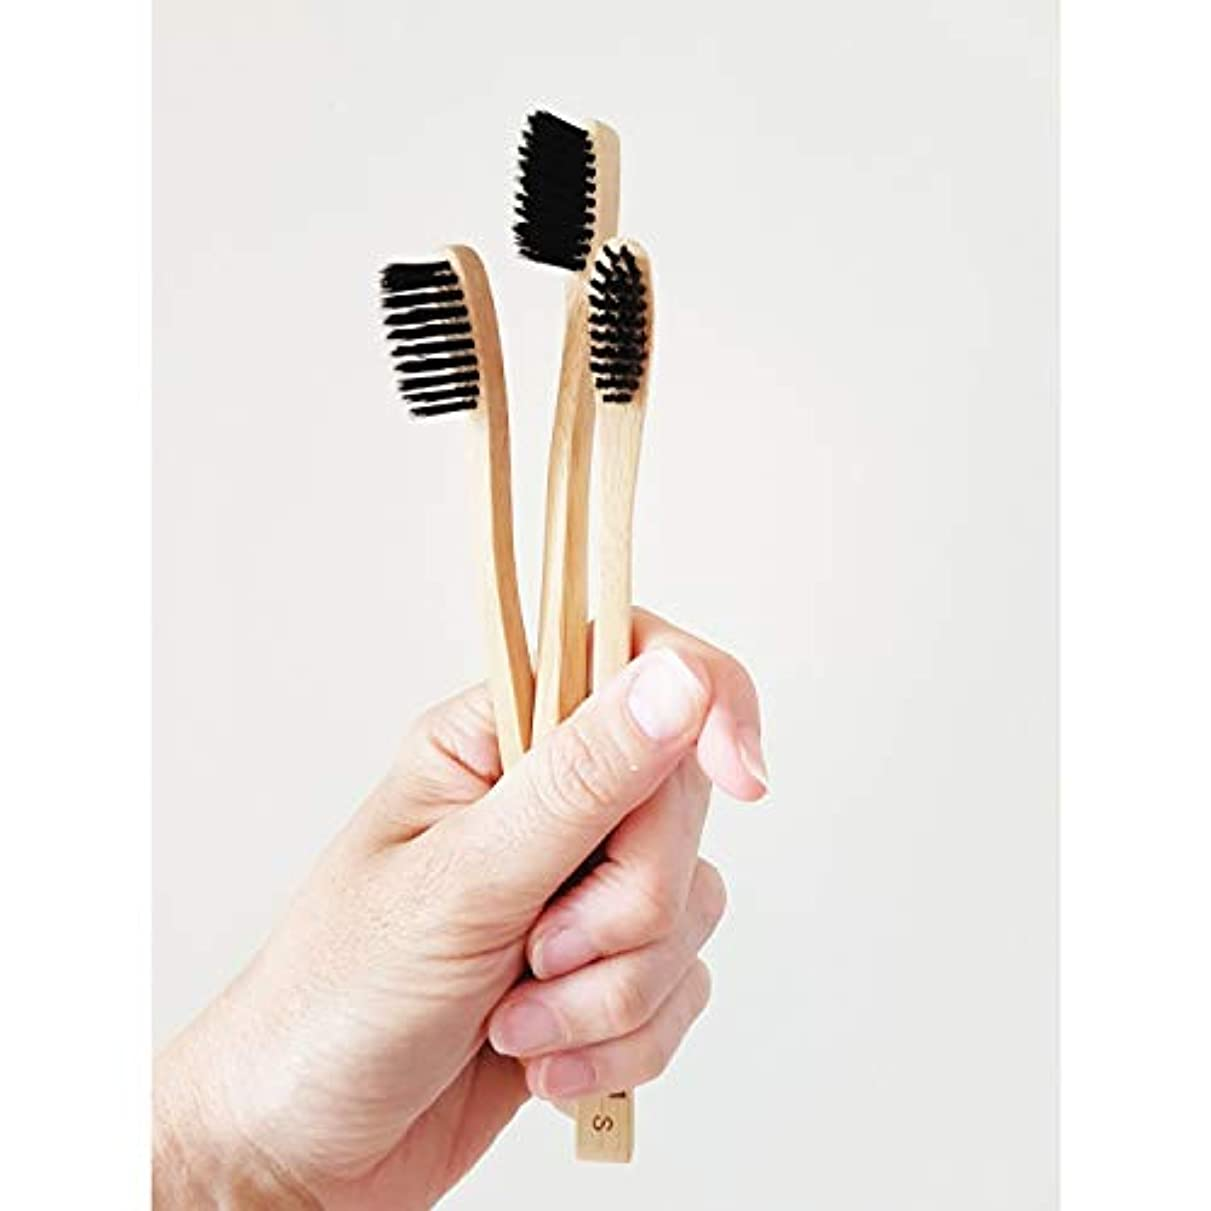 一時解雇するブート愛されし者Ladybug 竹の歯ブラシ 竹炭毛 バンブー歯ブラシ (3本入りセット)